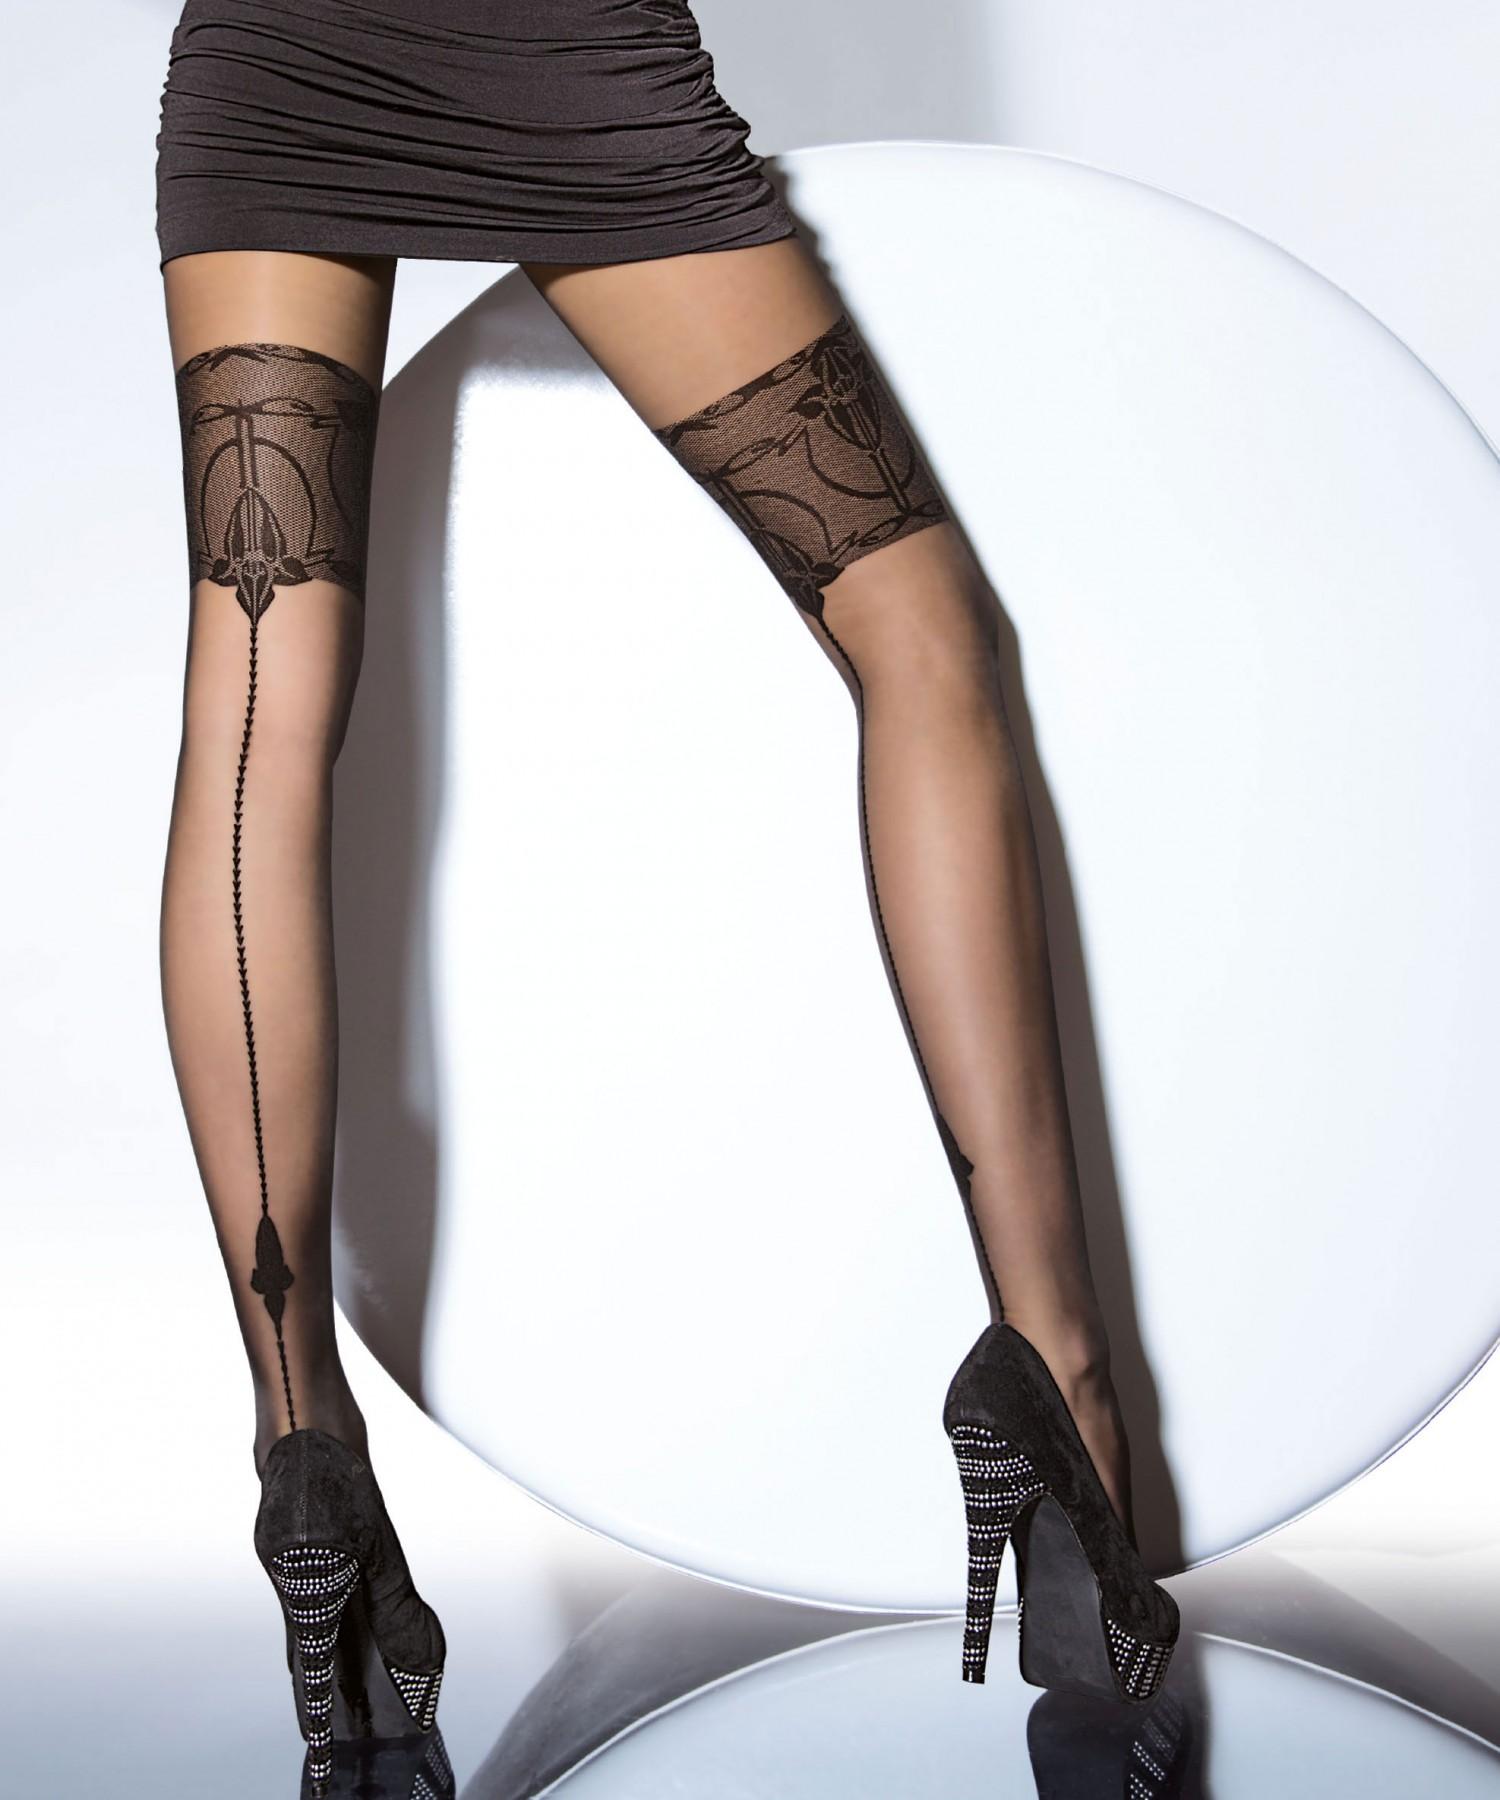 collant sexy avec bande couture noir 20 deniers